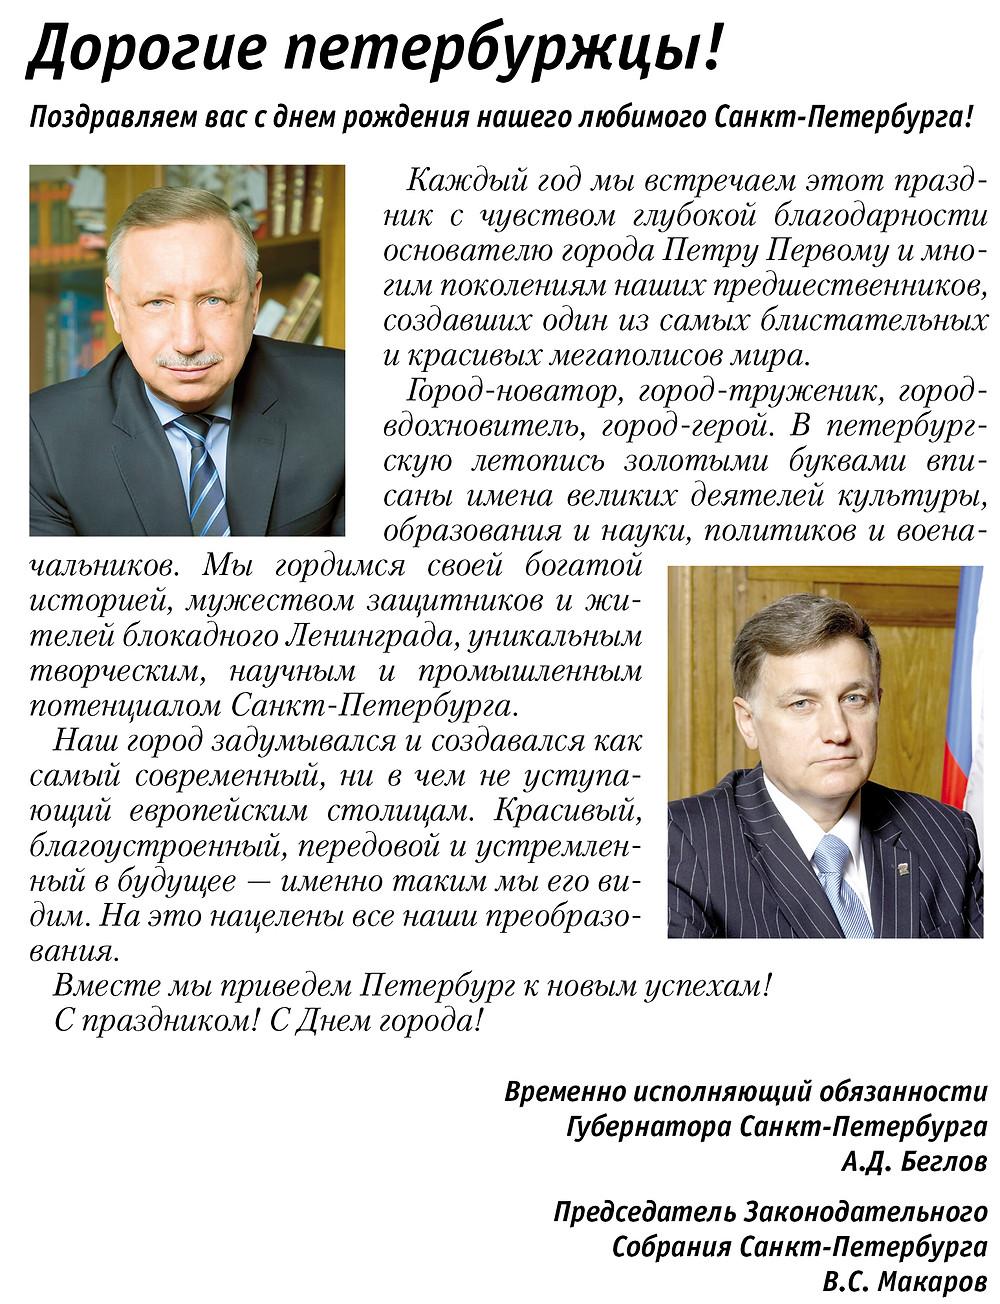 Поздравление Вас с Днем рождения Нашего любимого Санкт-Петербурга